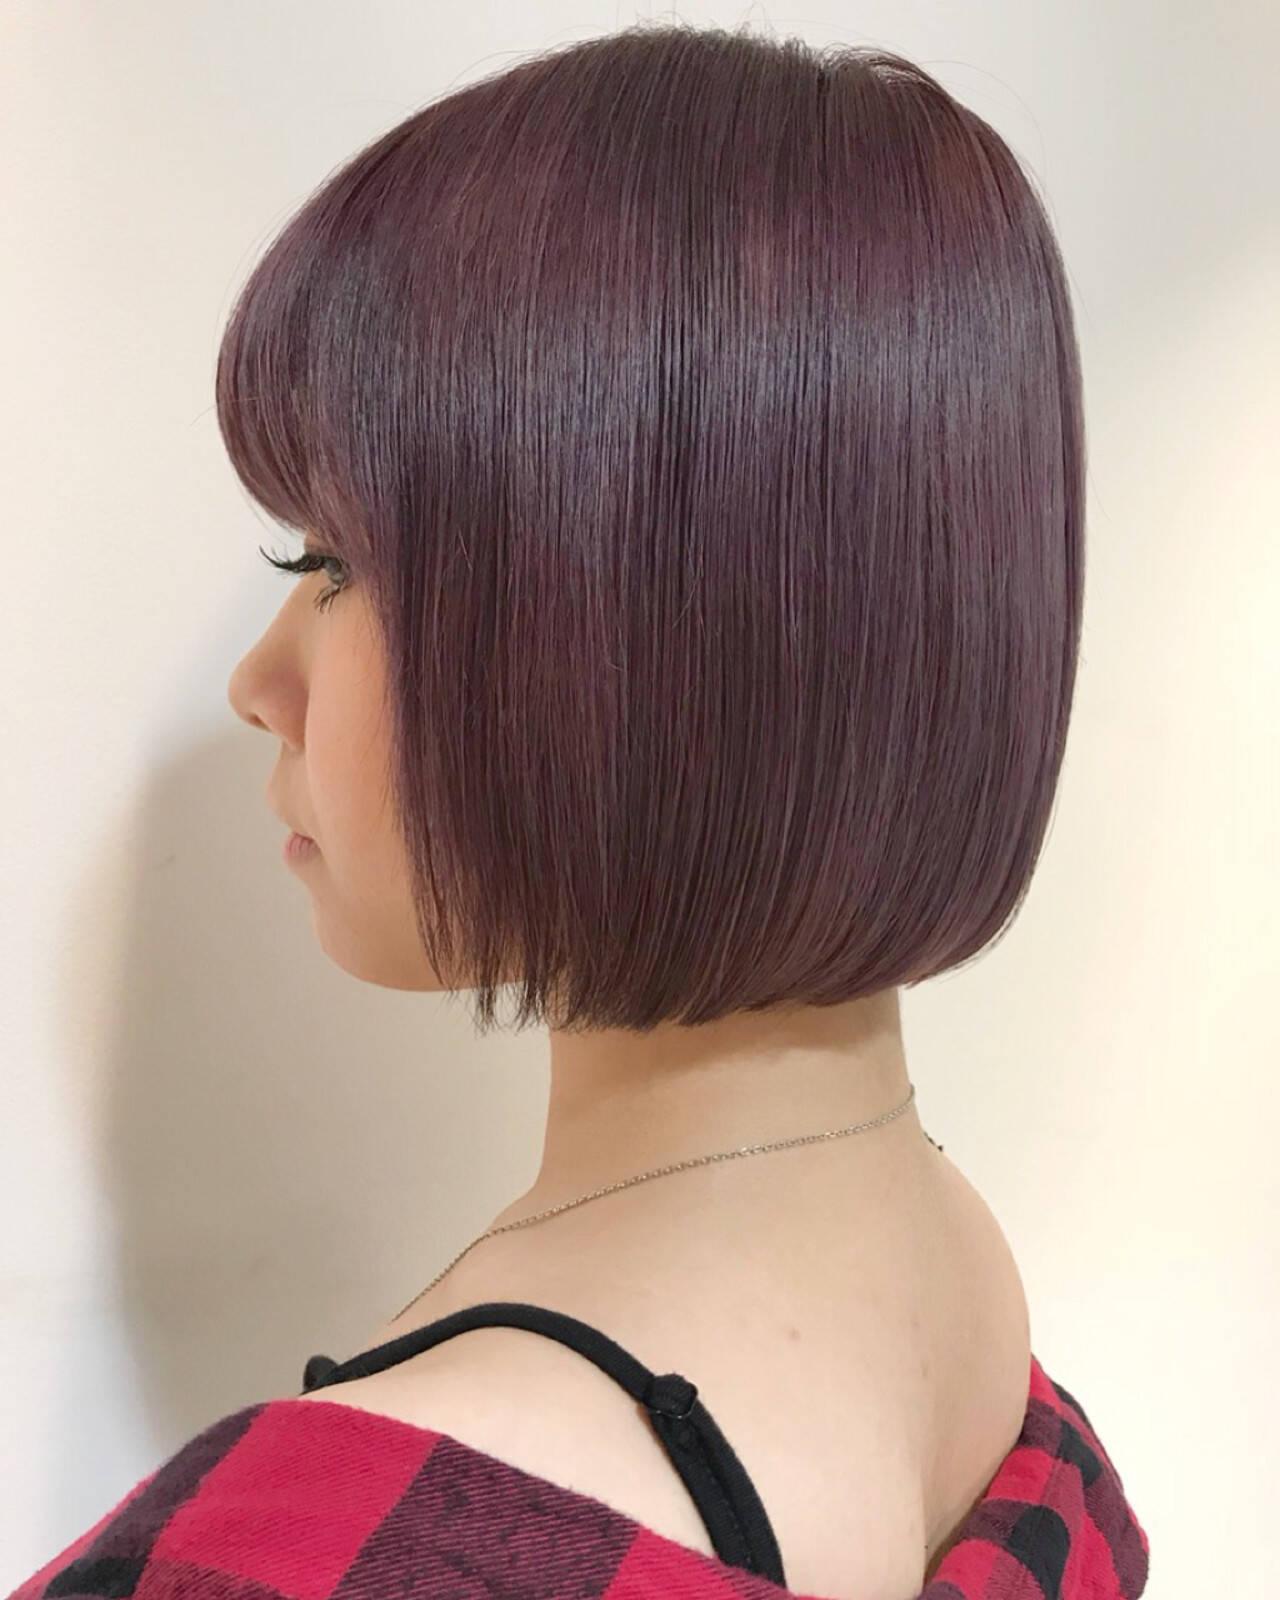 ピンク ボブ ウェットヘア ナチュラルヘアスタイルや髪型の写真・画像